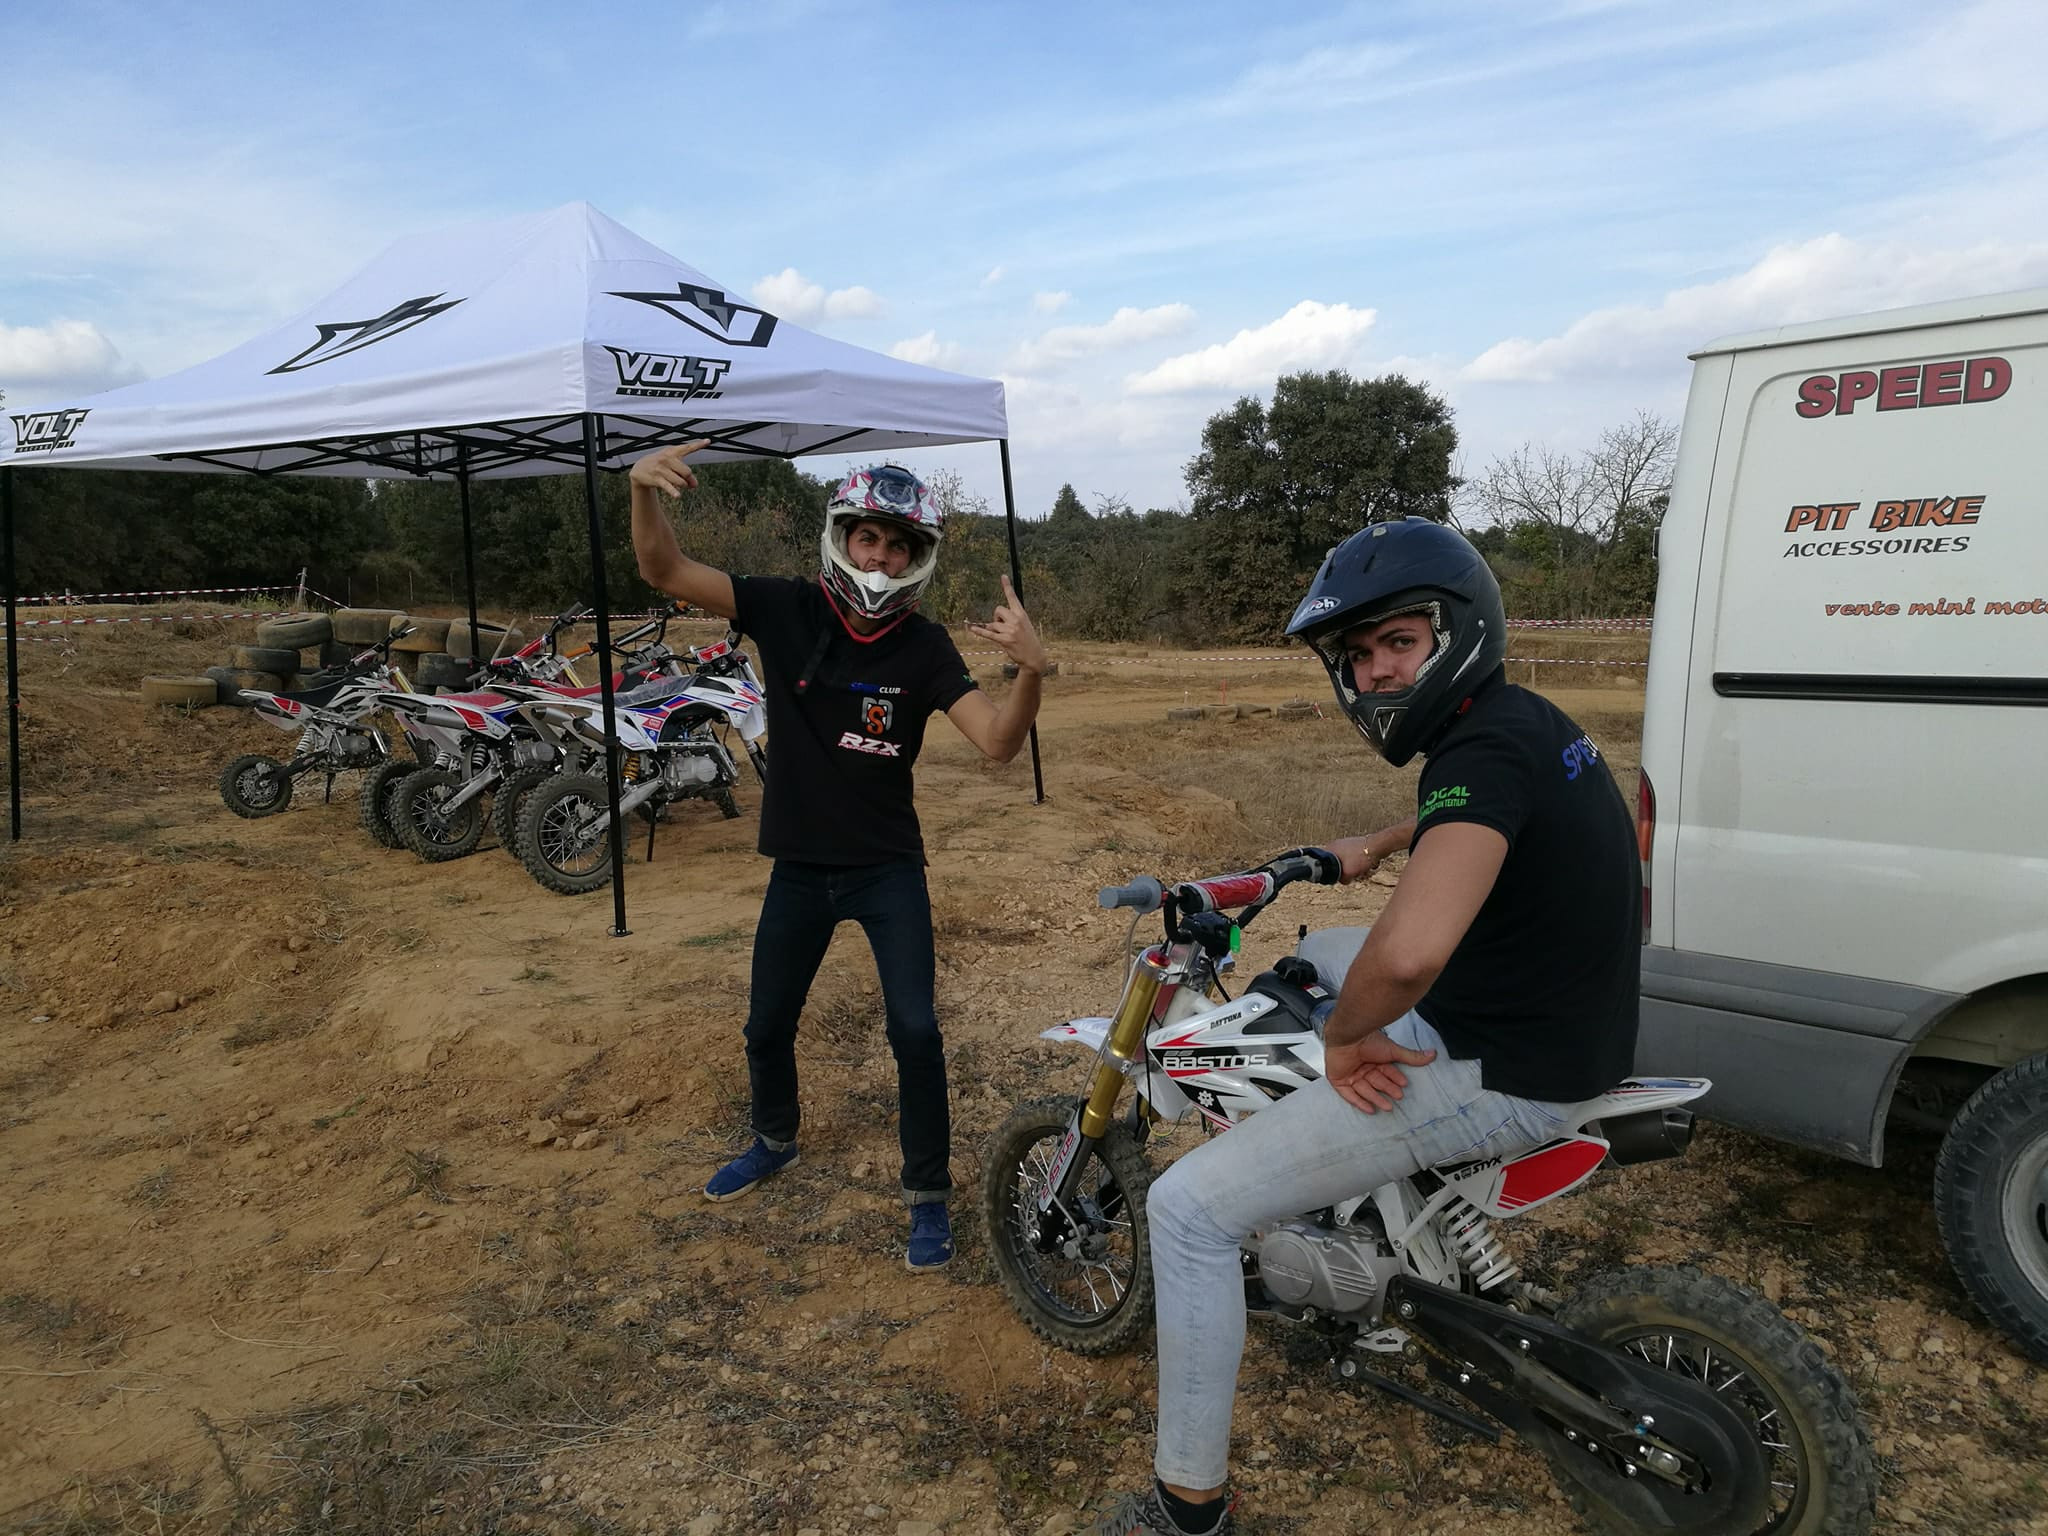 Initiation pitbike